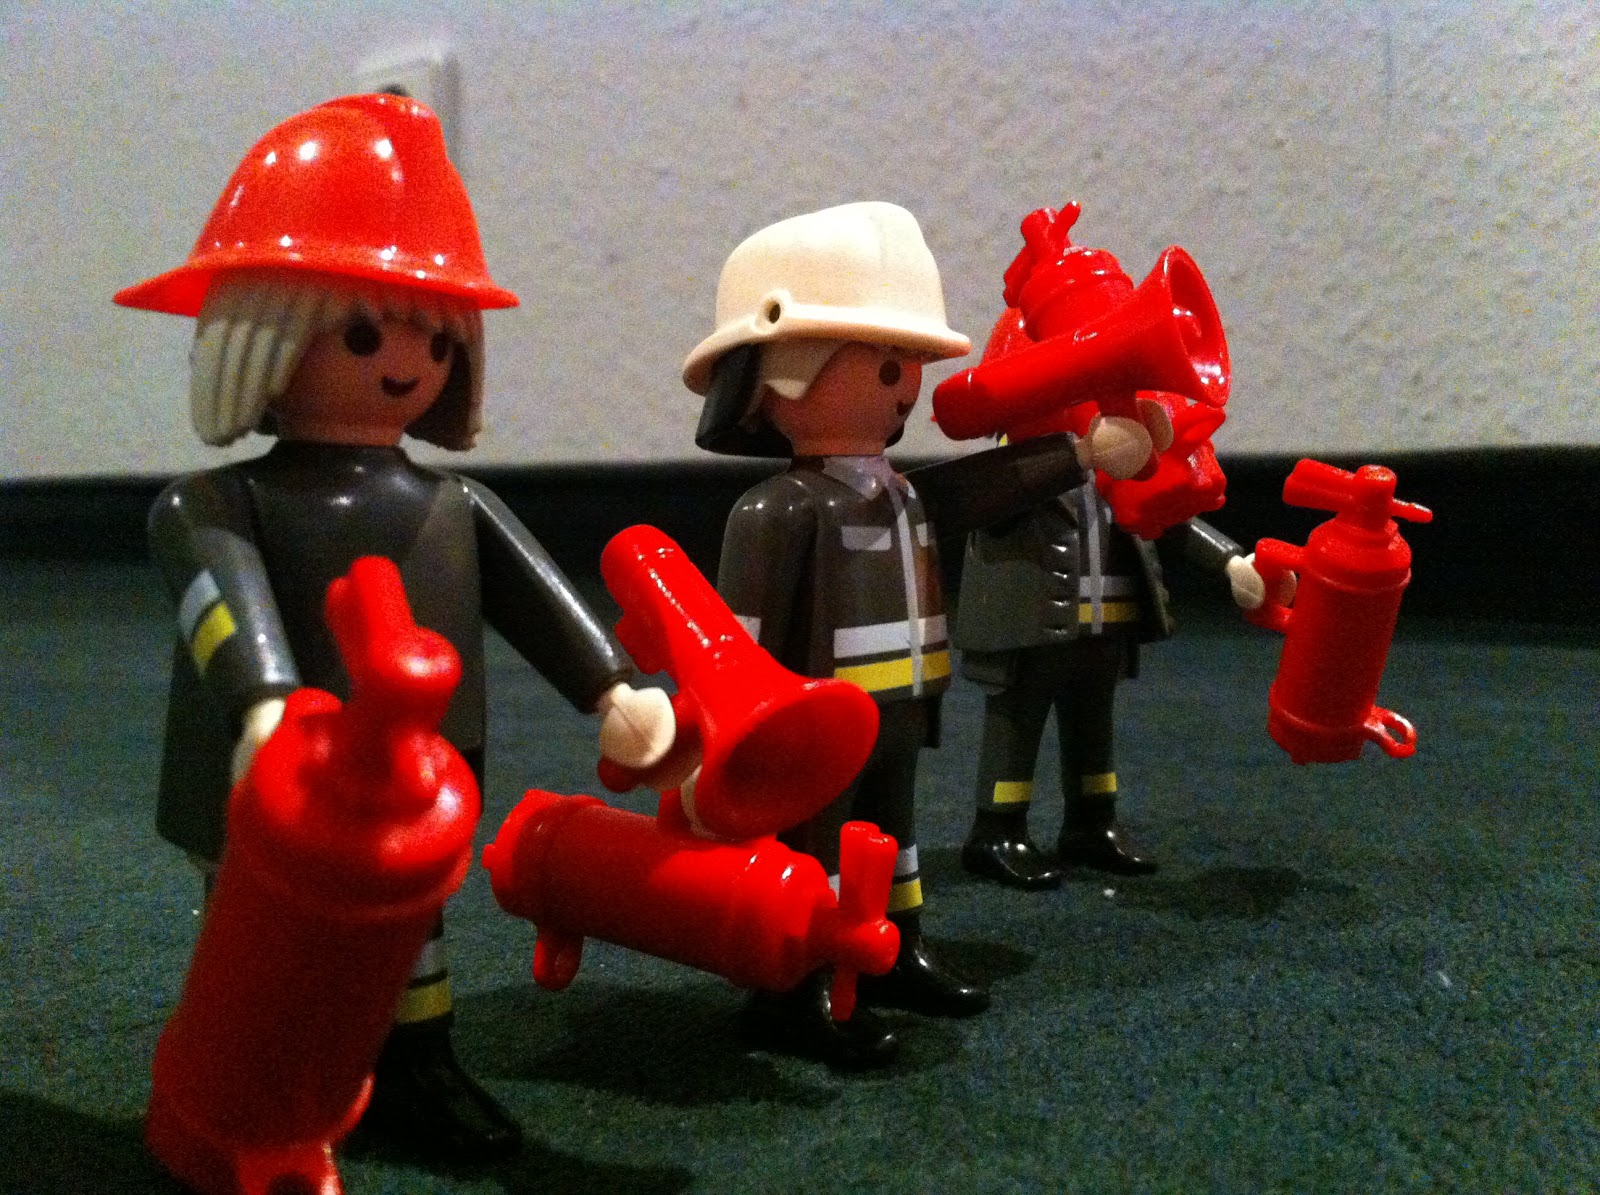 Ebay Kleinanzeigen Aachen: Kleinanzeigen Aachen: Playmobil- 3 Feuerwehrmänner Mit